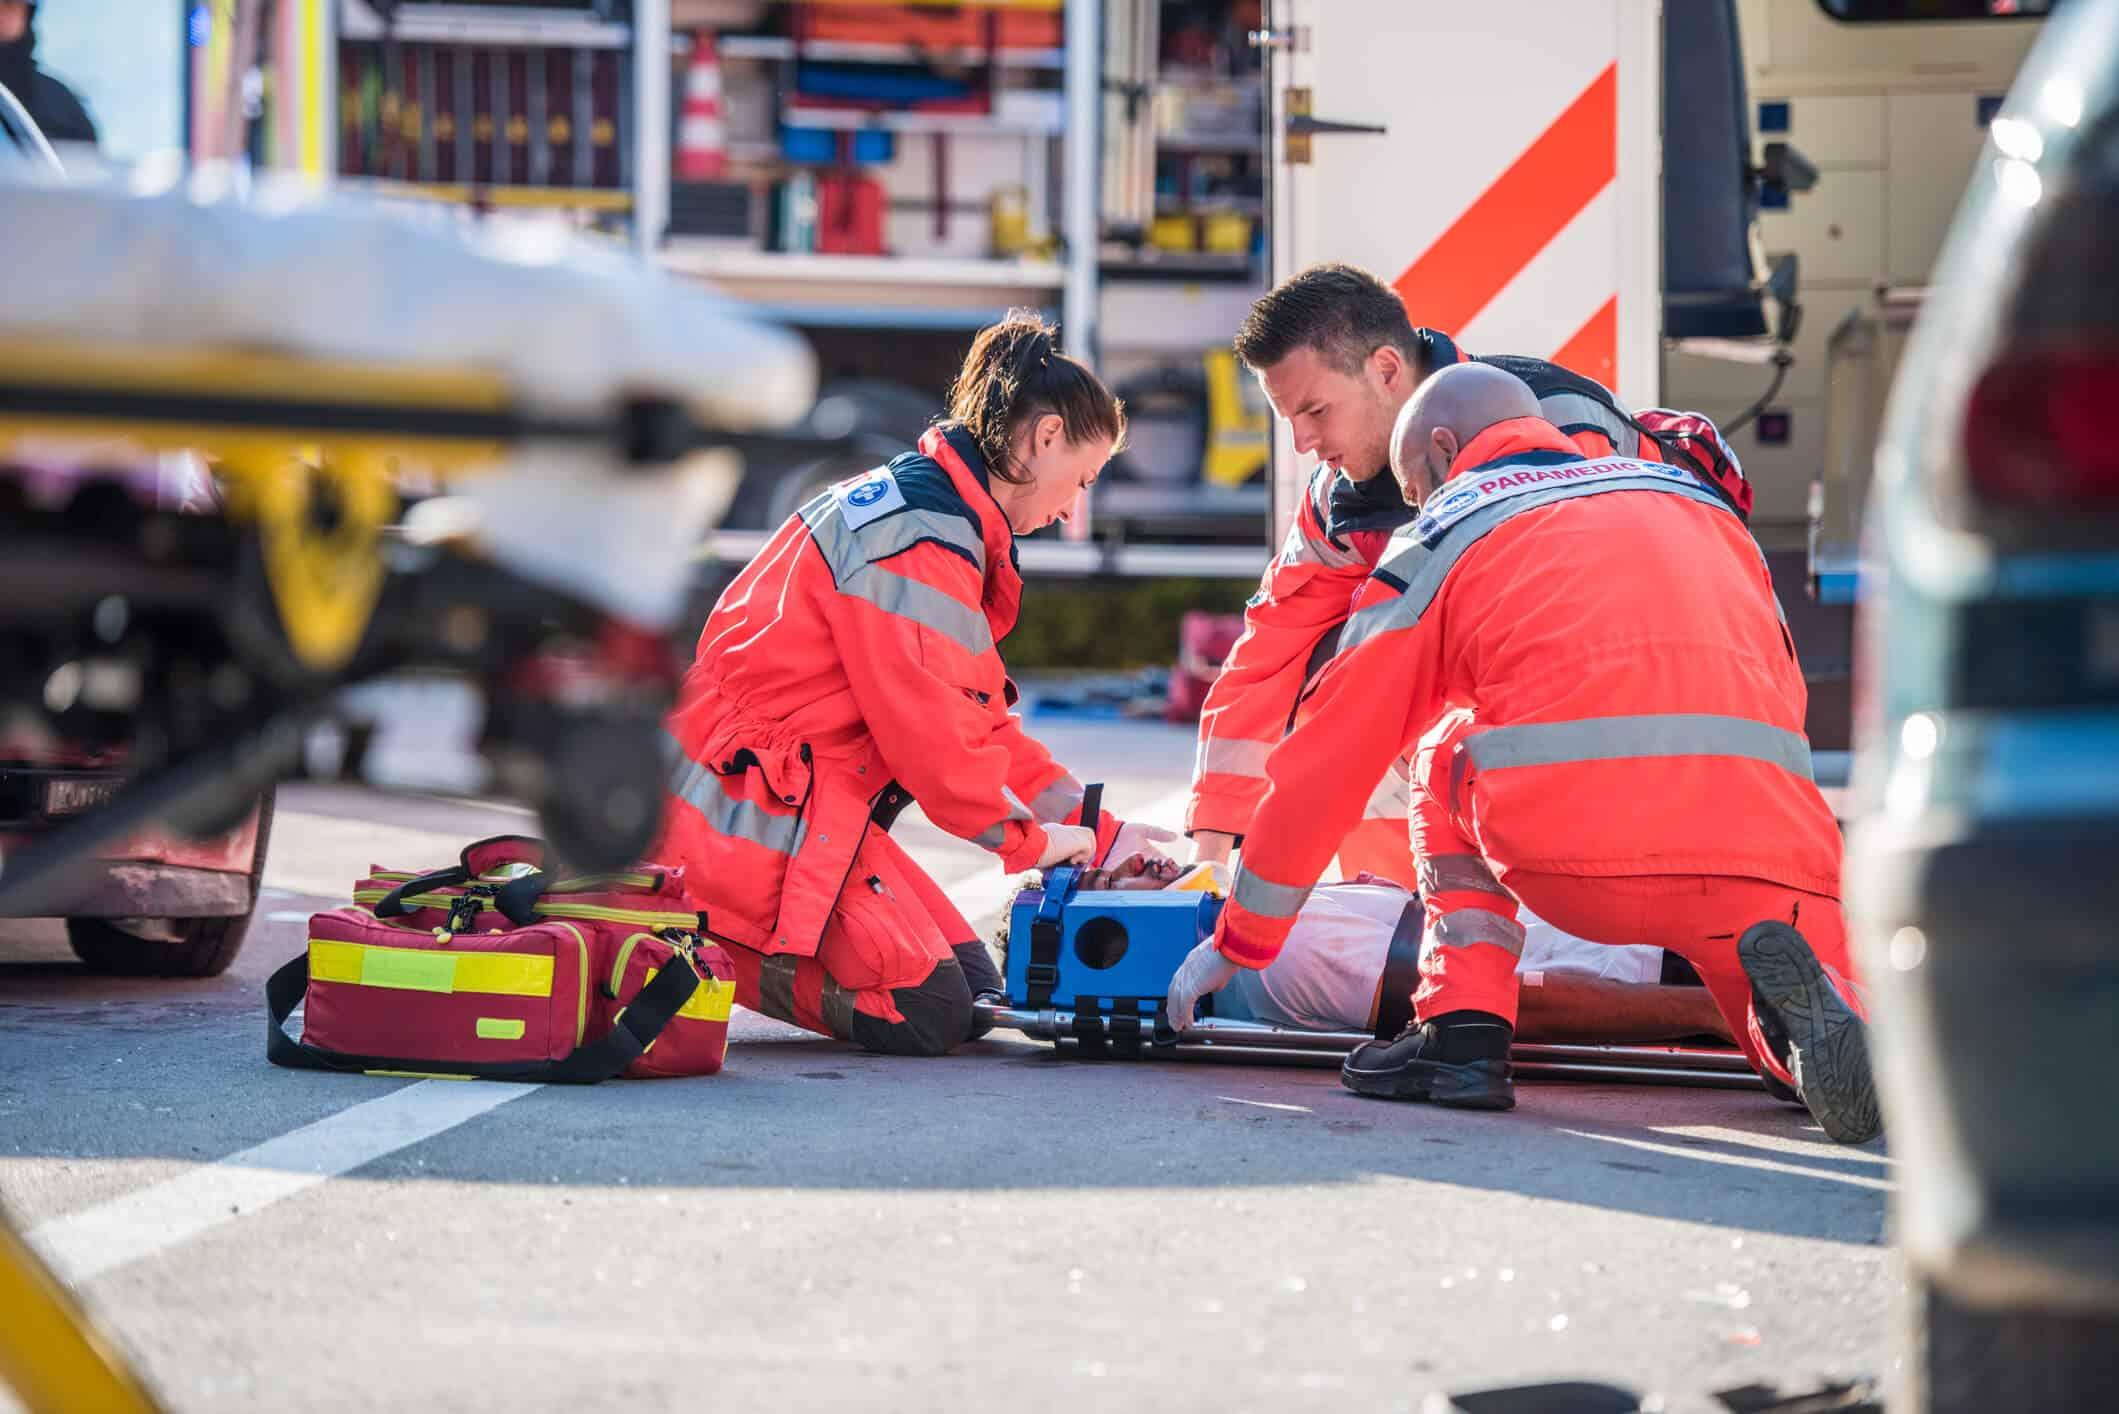 Curso de APH Avançado Socorrista SAMU, primeiros socorros, resgate aeromédico